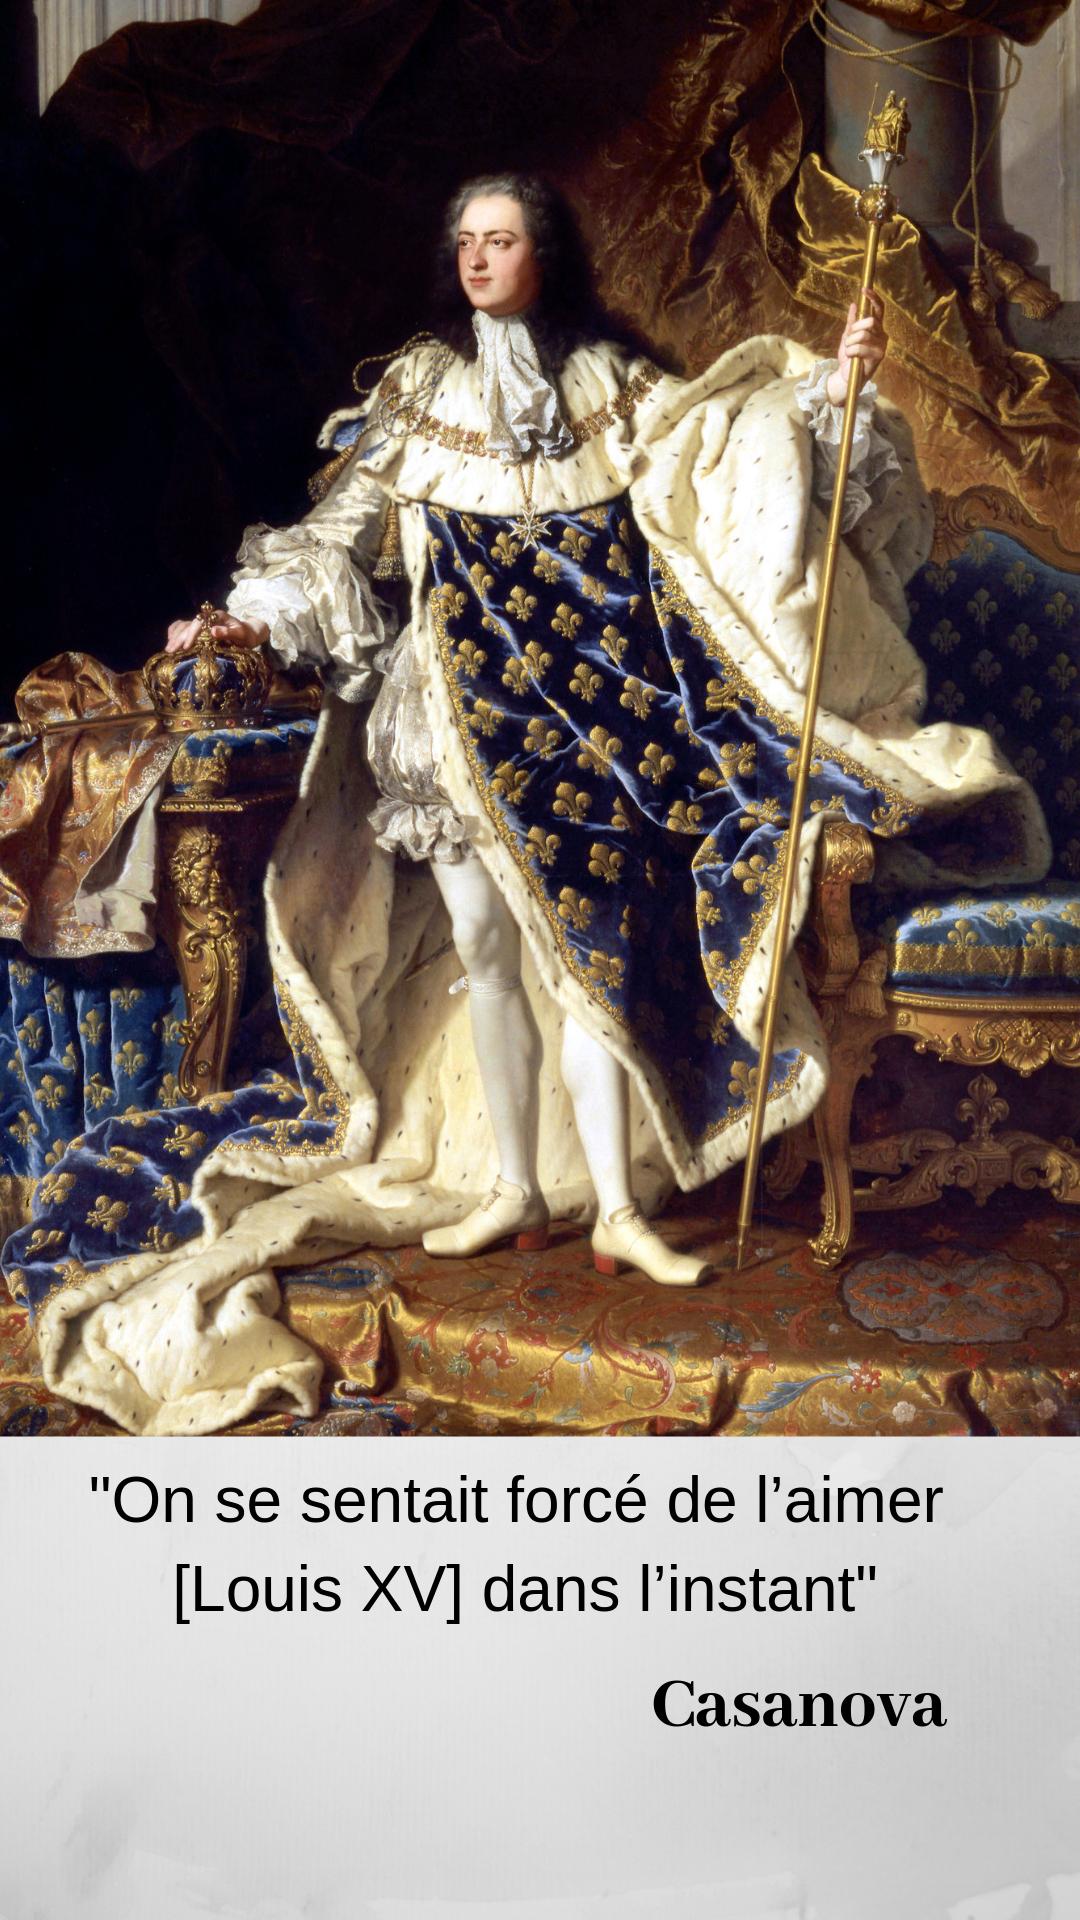 Le Roi Et Sa Cour : Compléter, Citation, Quelle, Moitié, D'Henri, Manquait-il, Louis, être, Très, Grand, Selon, Croÿ